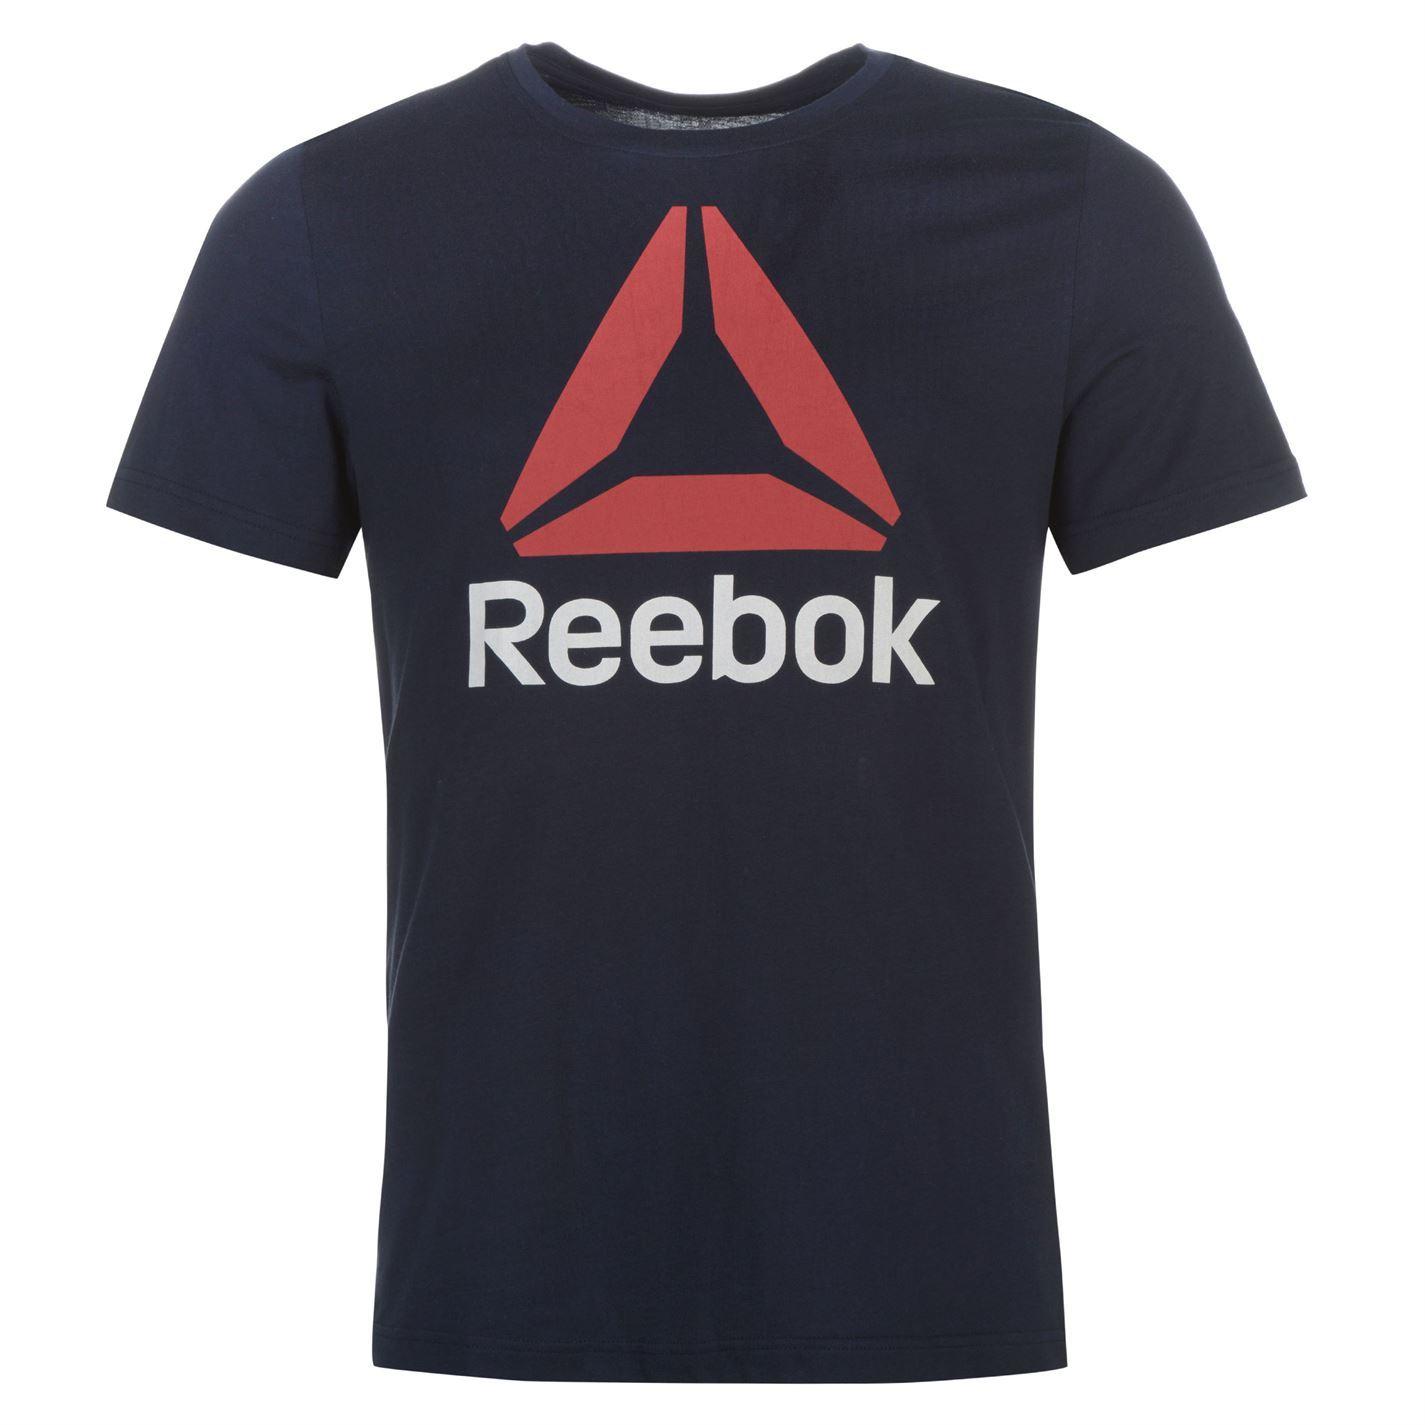 Reebok-Stack-Delta-Logo-T-Shirt-Mens-Tee-Shirt-Top thumbnail 18